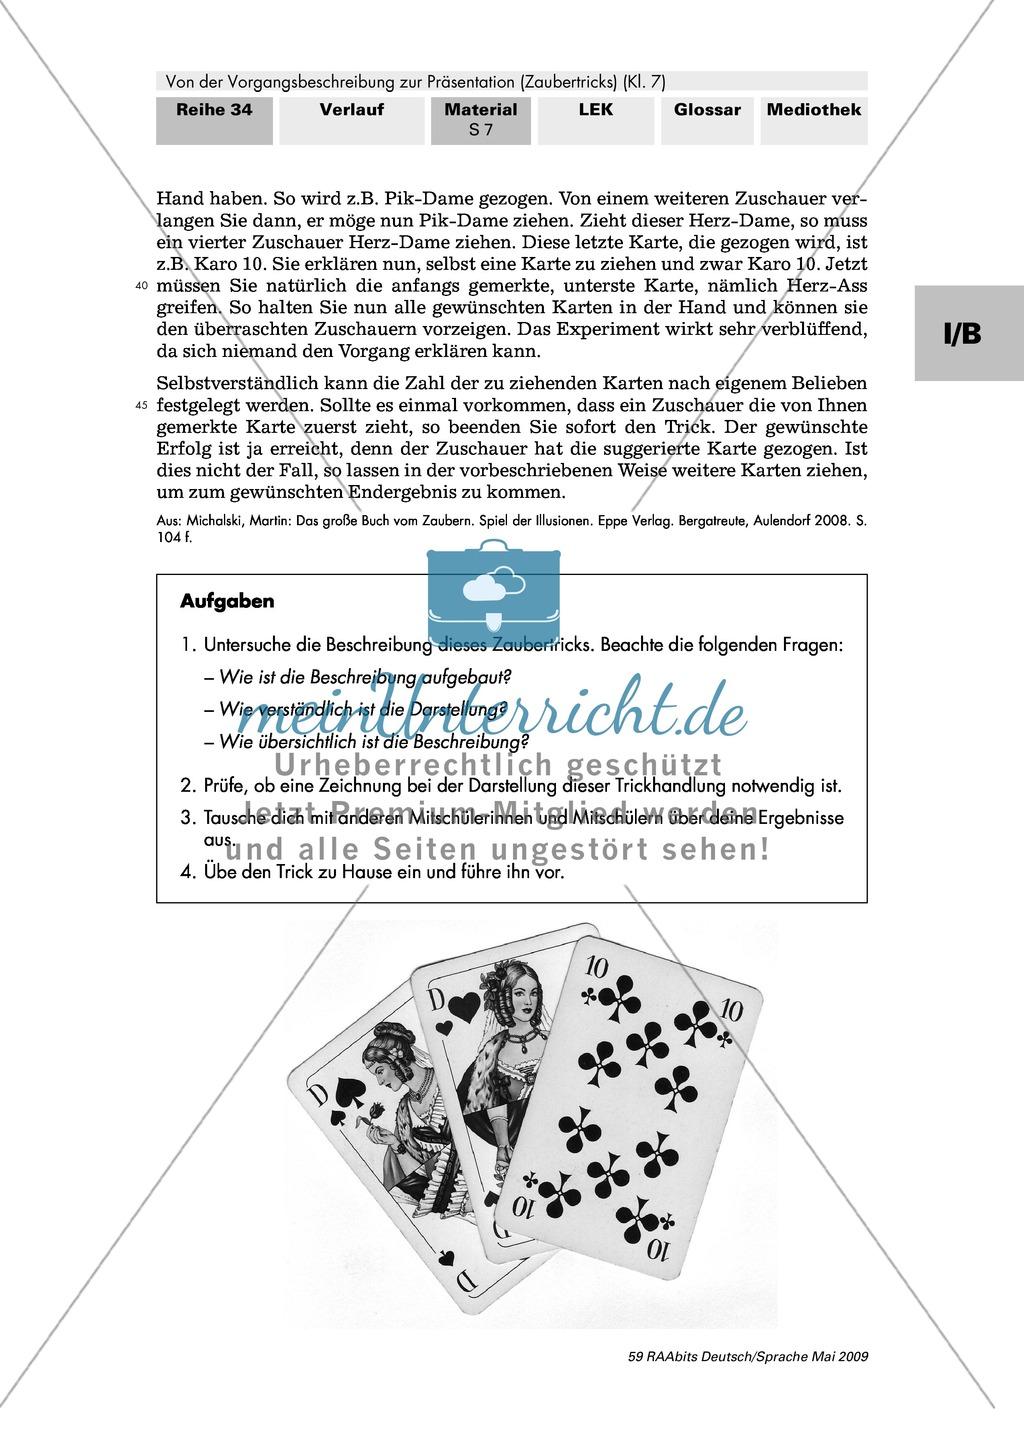 Der Aufbau einer Zaubertrick-Beschreibung Preview 1